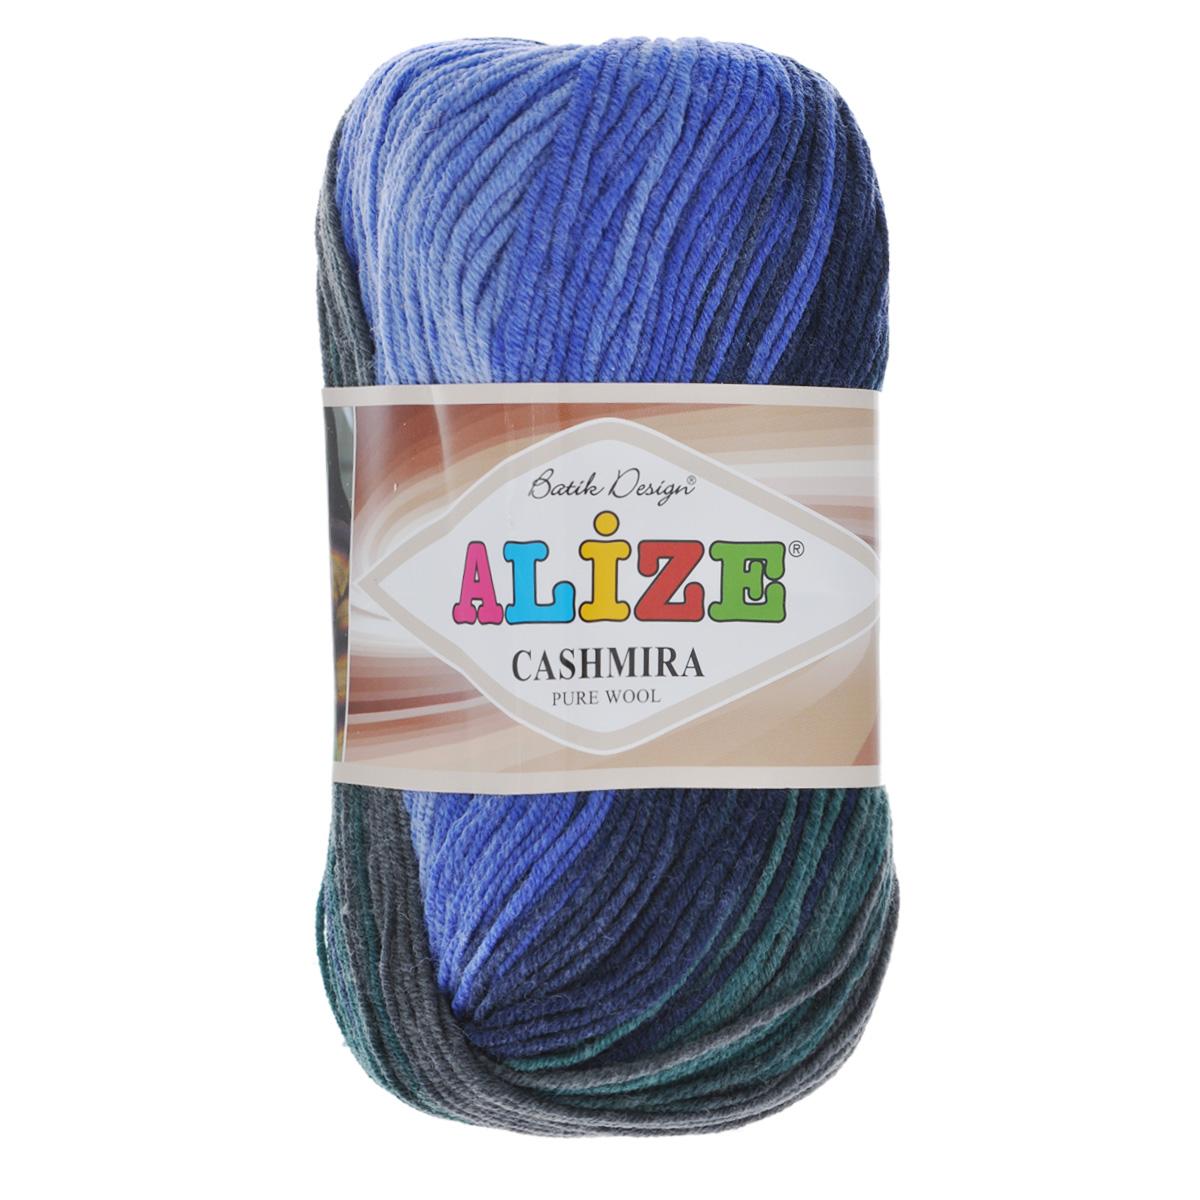 Пряжа для вязания Alize Cashmira Batik, цвет: синий, зеленый, серый (3953), 300 м, 100 г, 5 шт364130_3953Пряжа для вязания Alize Cashmira Batik изготовлена из 100% шерсти. Пряжа упругая, эластичная, тёплая, уютная и не колется, что очень подходит для детей. Тоненькая нитка прекрасно подойдет для вязки демисезонных вещей. Пряжа легко распускается и перевязывается несколько раз, не деформируясь и не влияя на вид изделия. Натуральная шерстяная нить, обеспечивает изделию прекрасную форму. Рекомендуется ручная стирка при температуре 30 °C. Рекомендованные спицы № 3-5, крючок № 2-4. С такой пряжей для ручного вязания вы сможете связать своими руками необычные и красивые вещи.